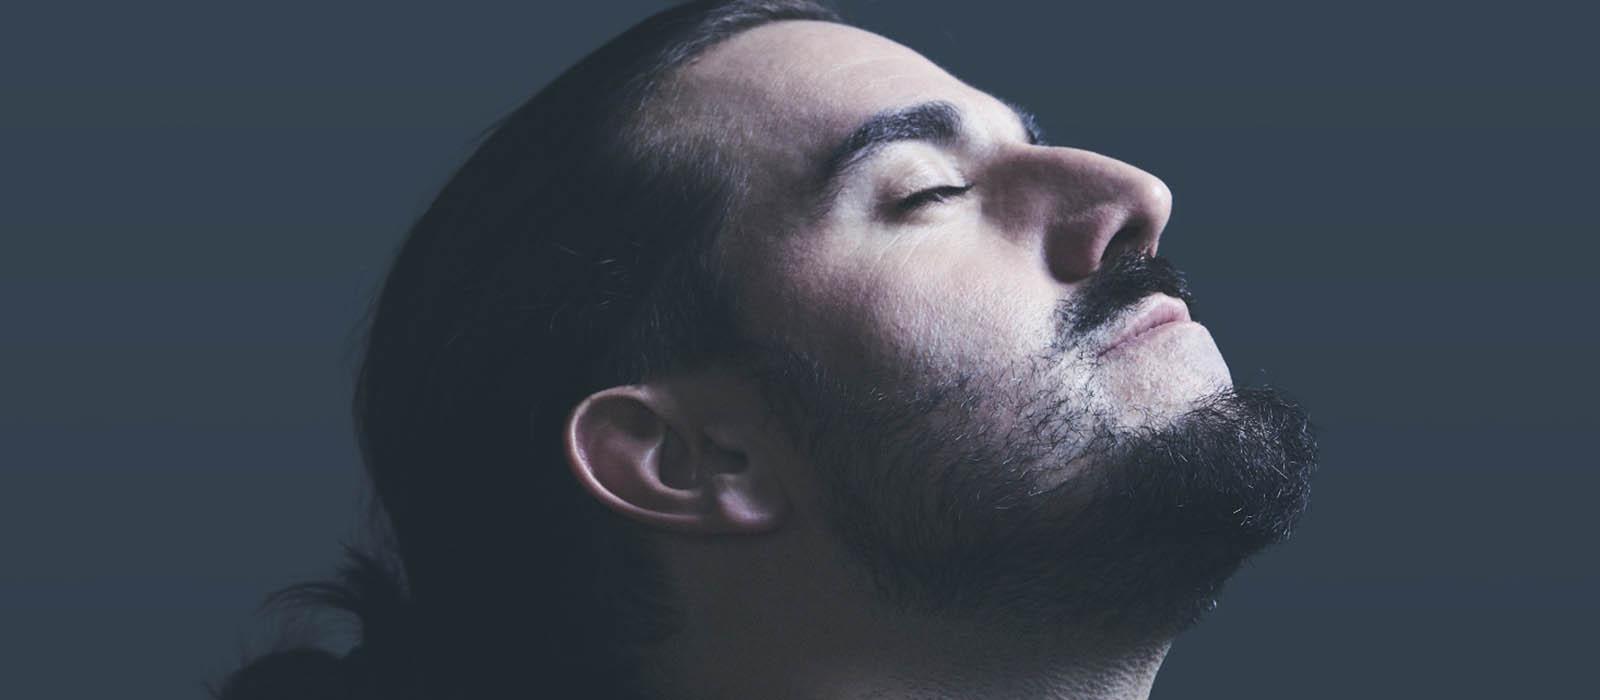 Andrés Suárez anuncia el lanzamiento de 'A través de los ojos', la canción banda sonora de su nuevo libro